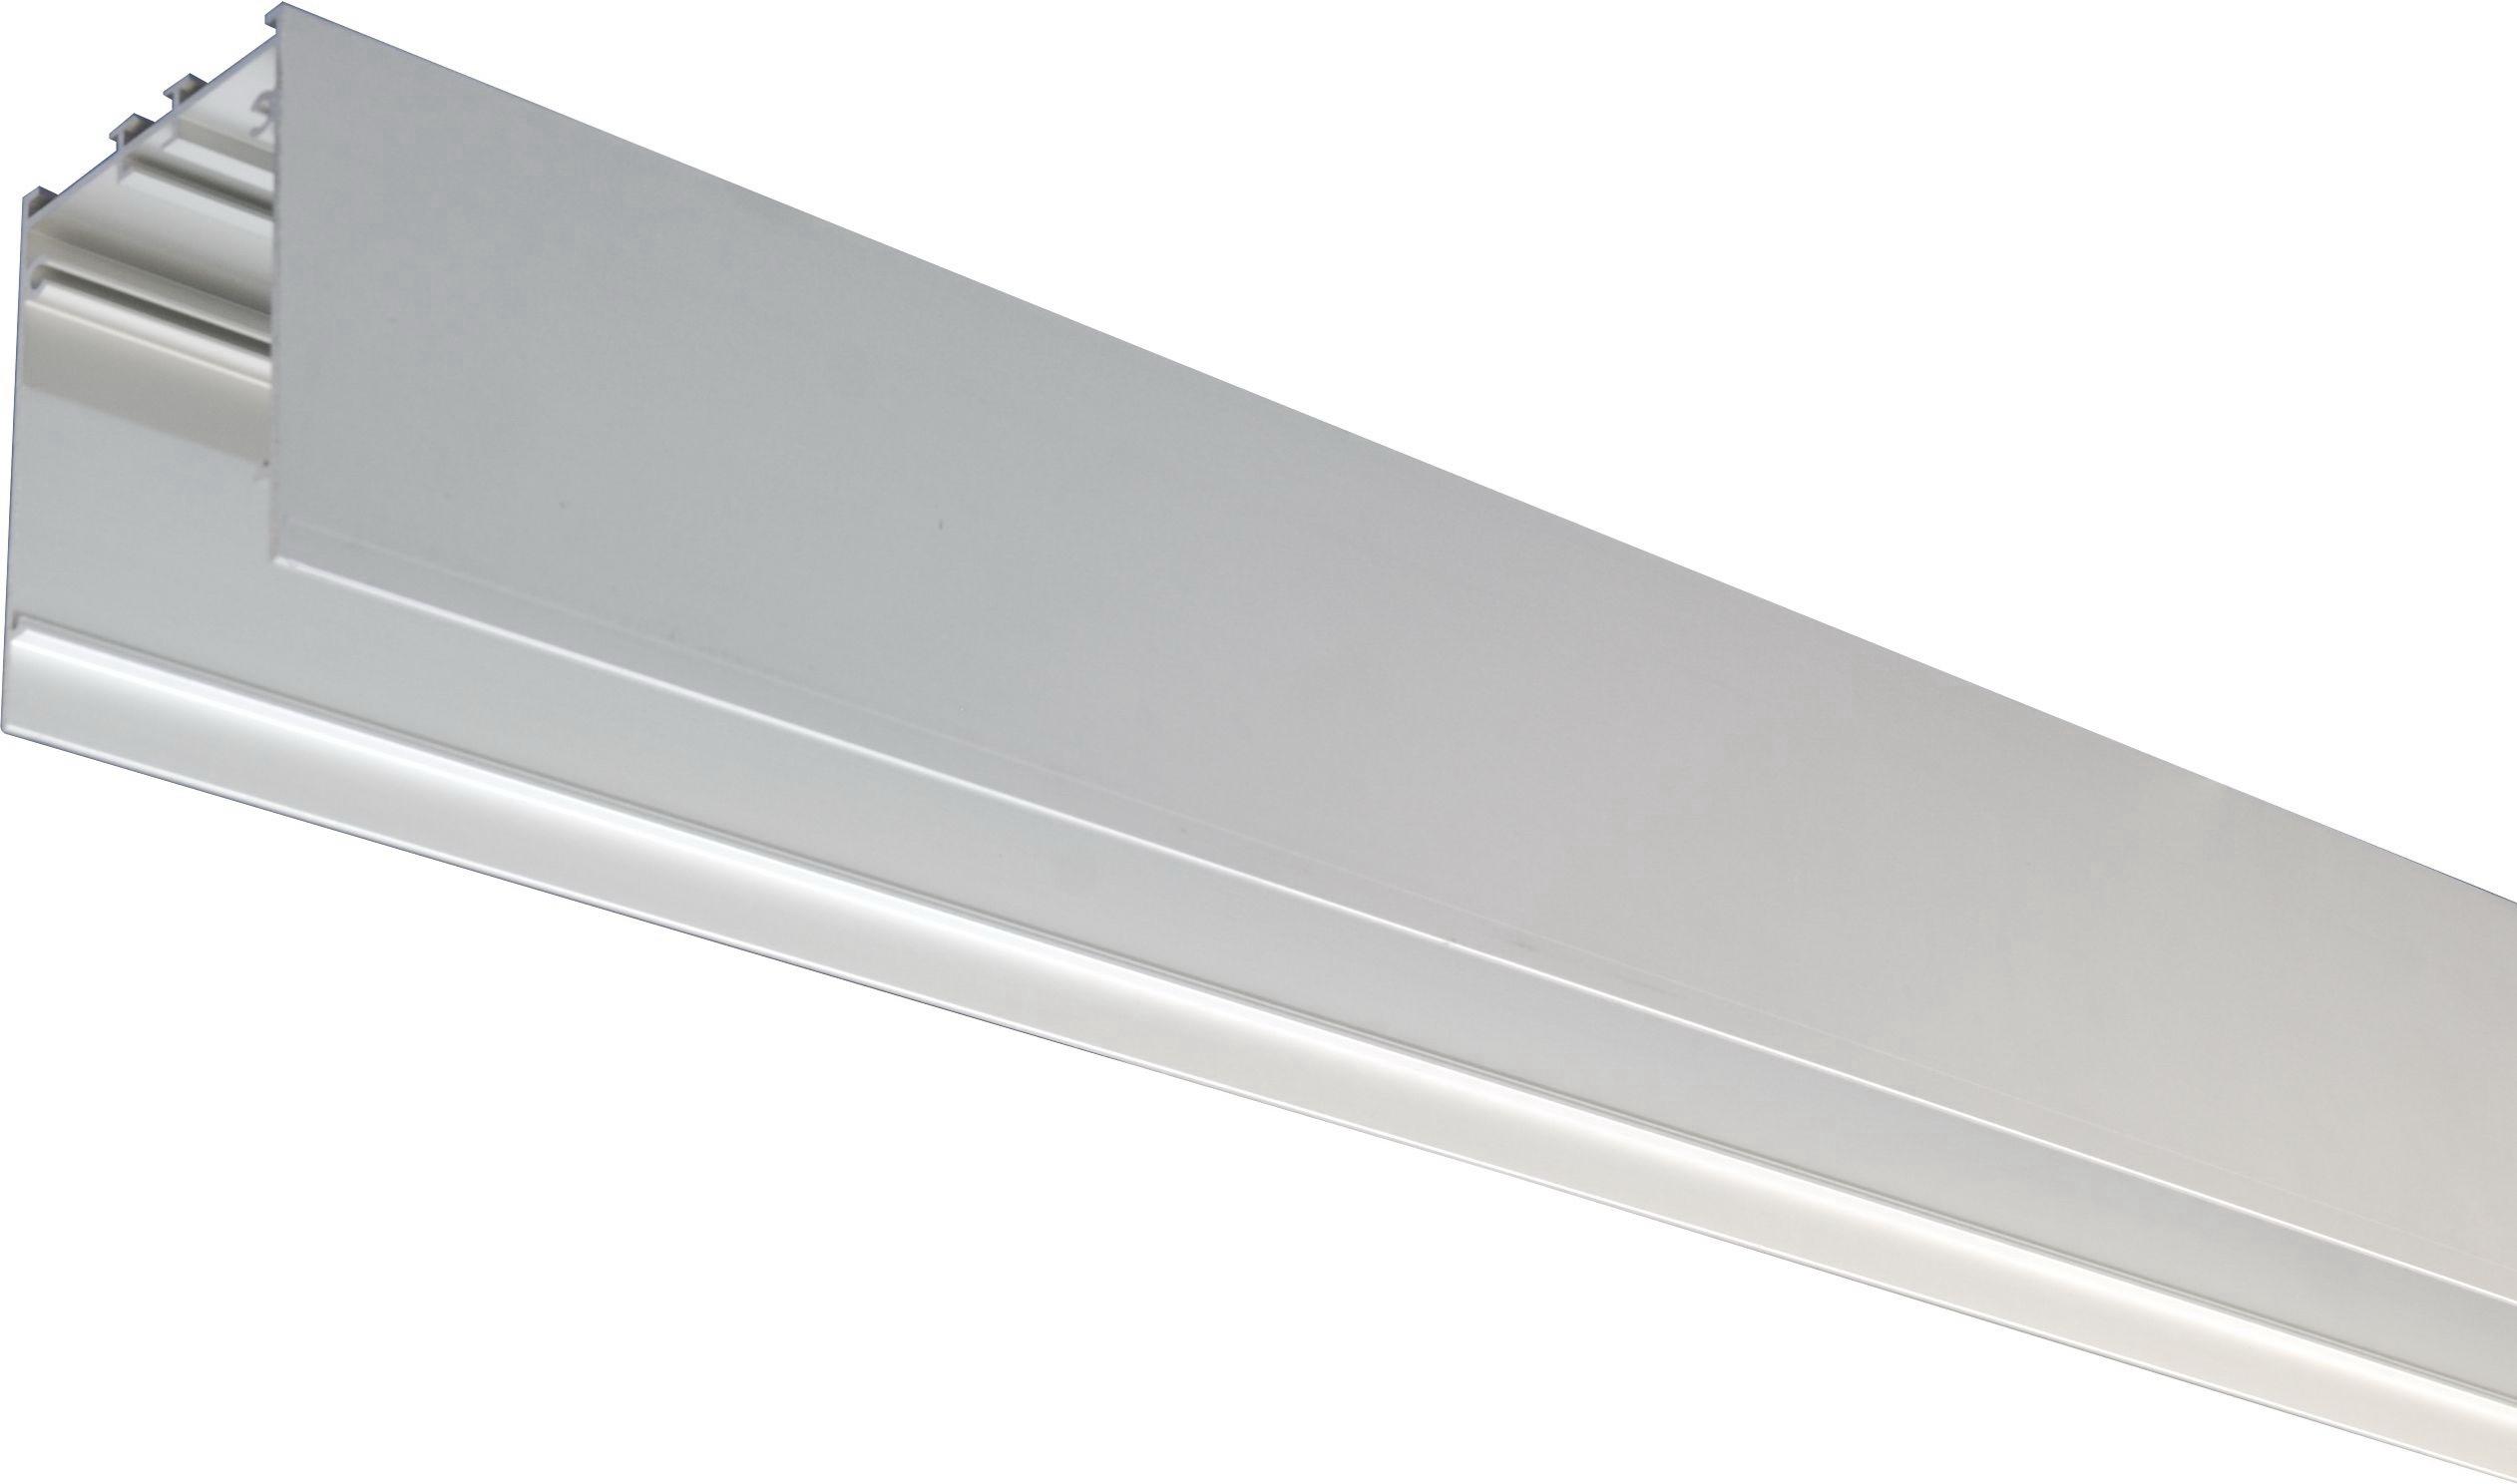 1 Stk KVADRA 70M Aluminiumprofil Anbau eloxiert L-2970mm LI35000015